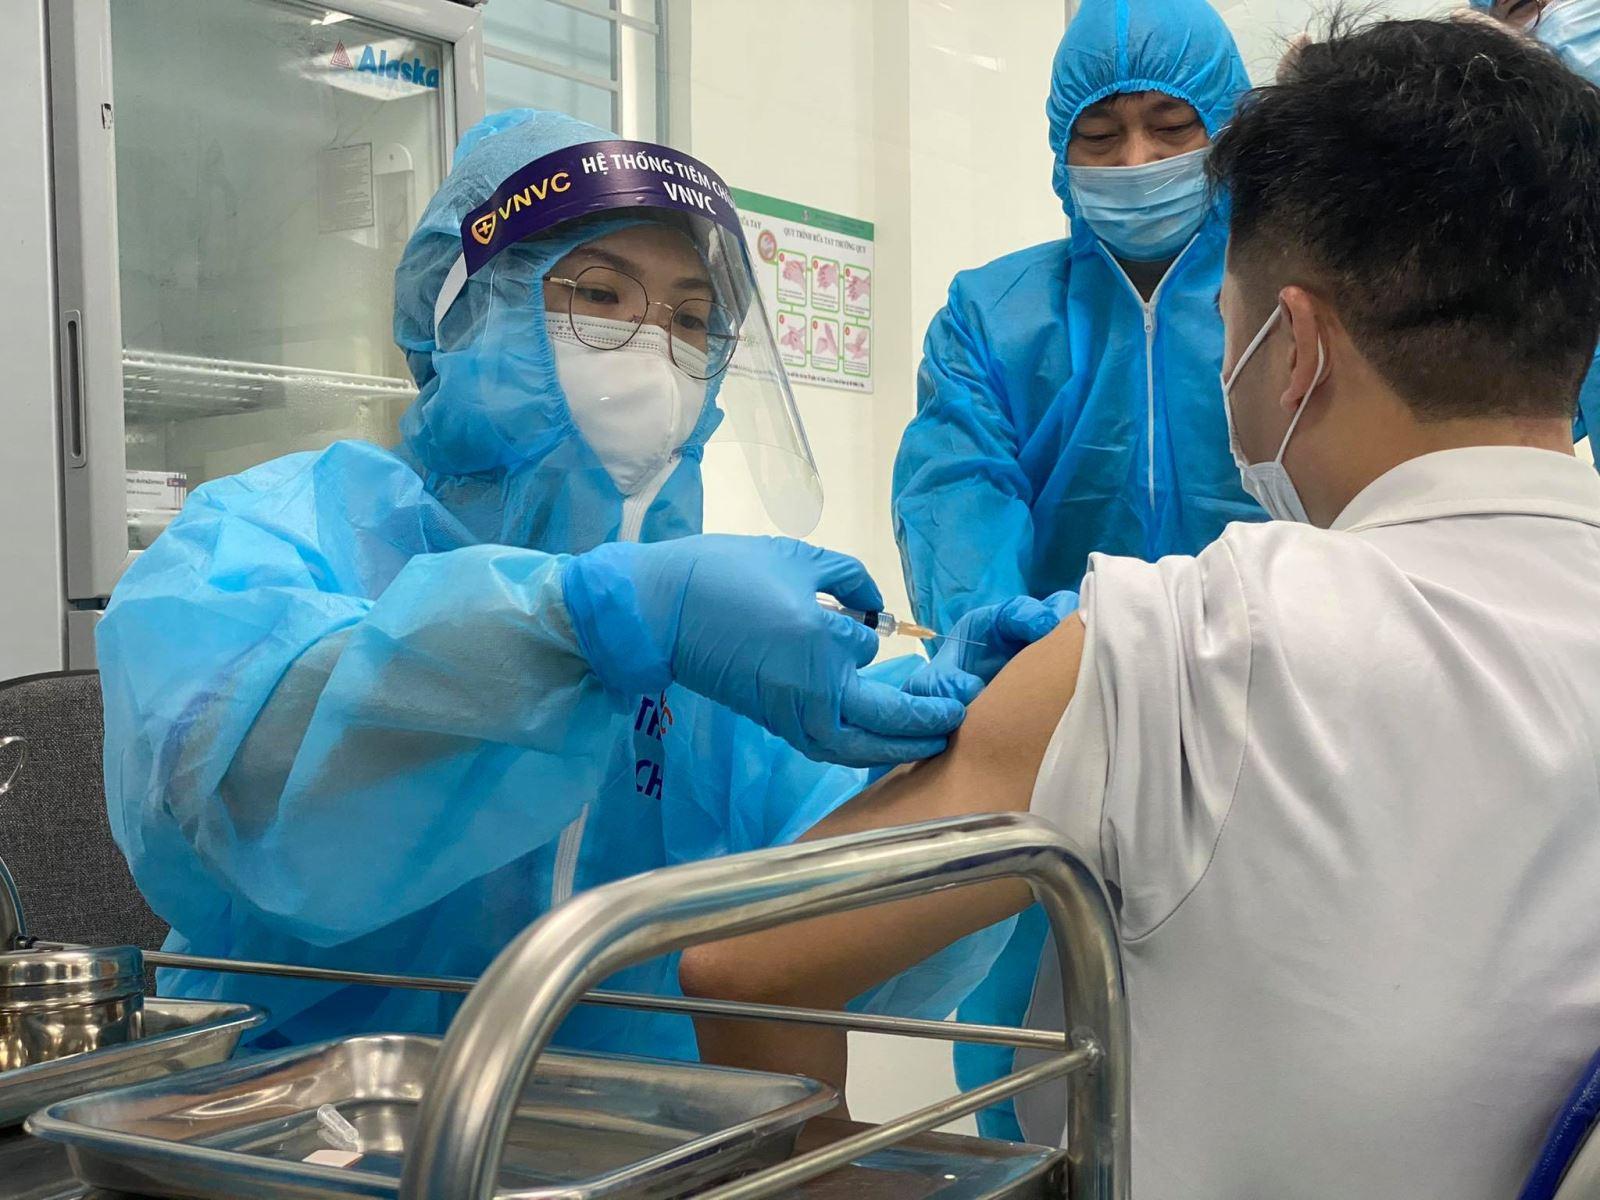 Chủ tịch UBND TP. Hà Nội: Xây dựng kịch bản tiêm vắc xin theo đúng quy trình an toàn của Bộ Y tế